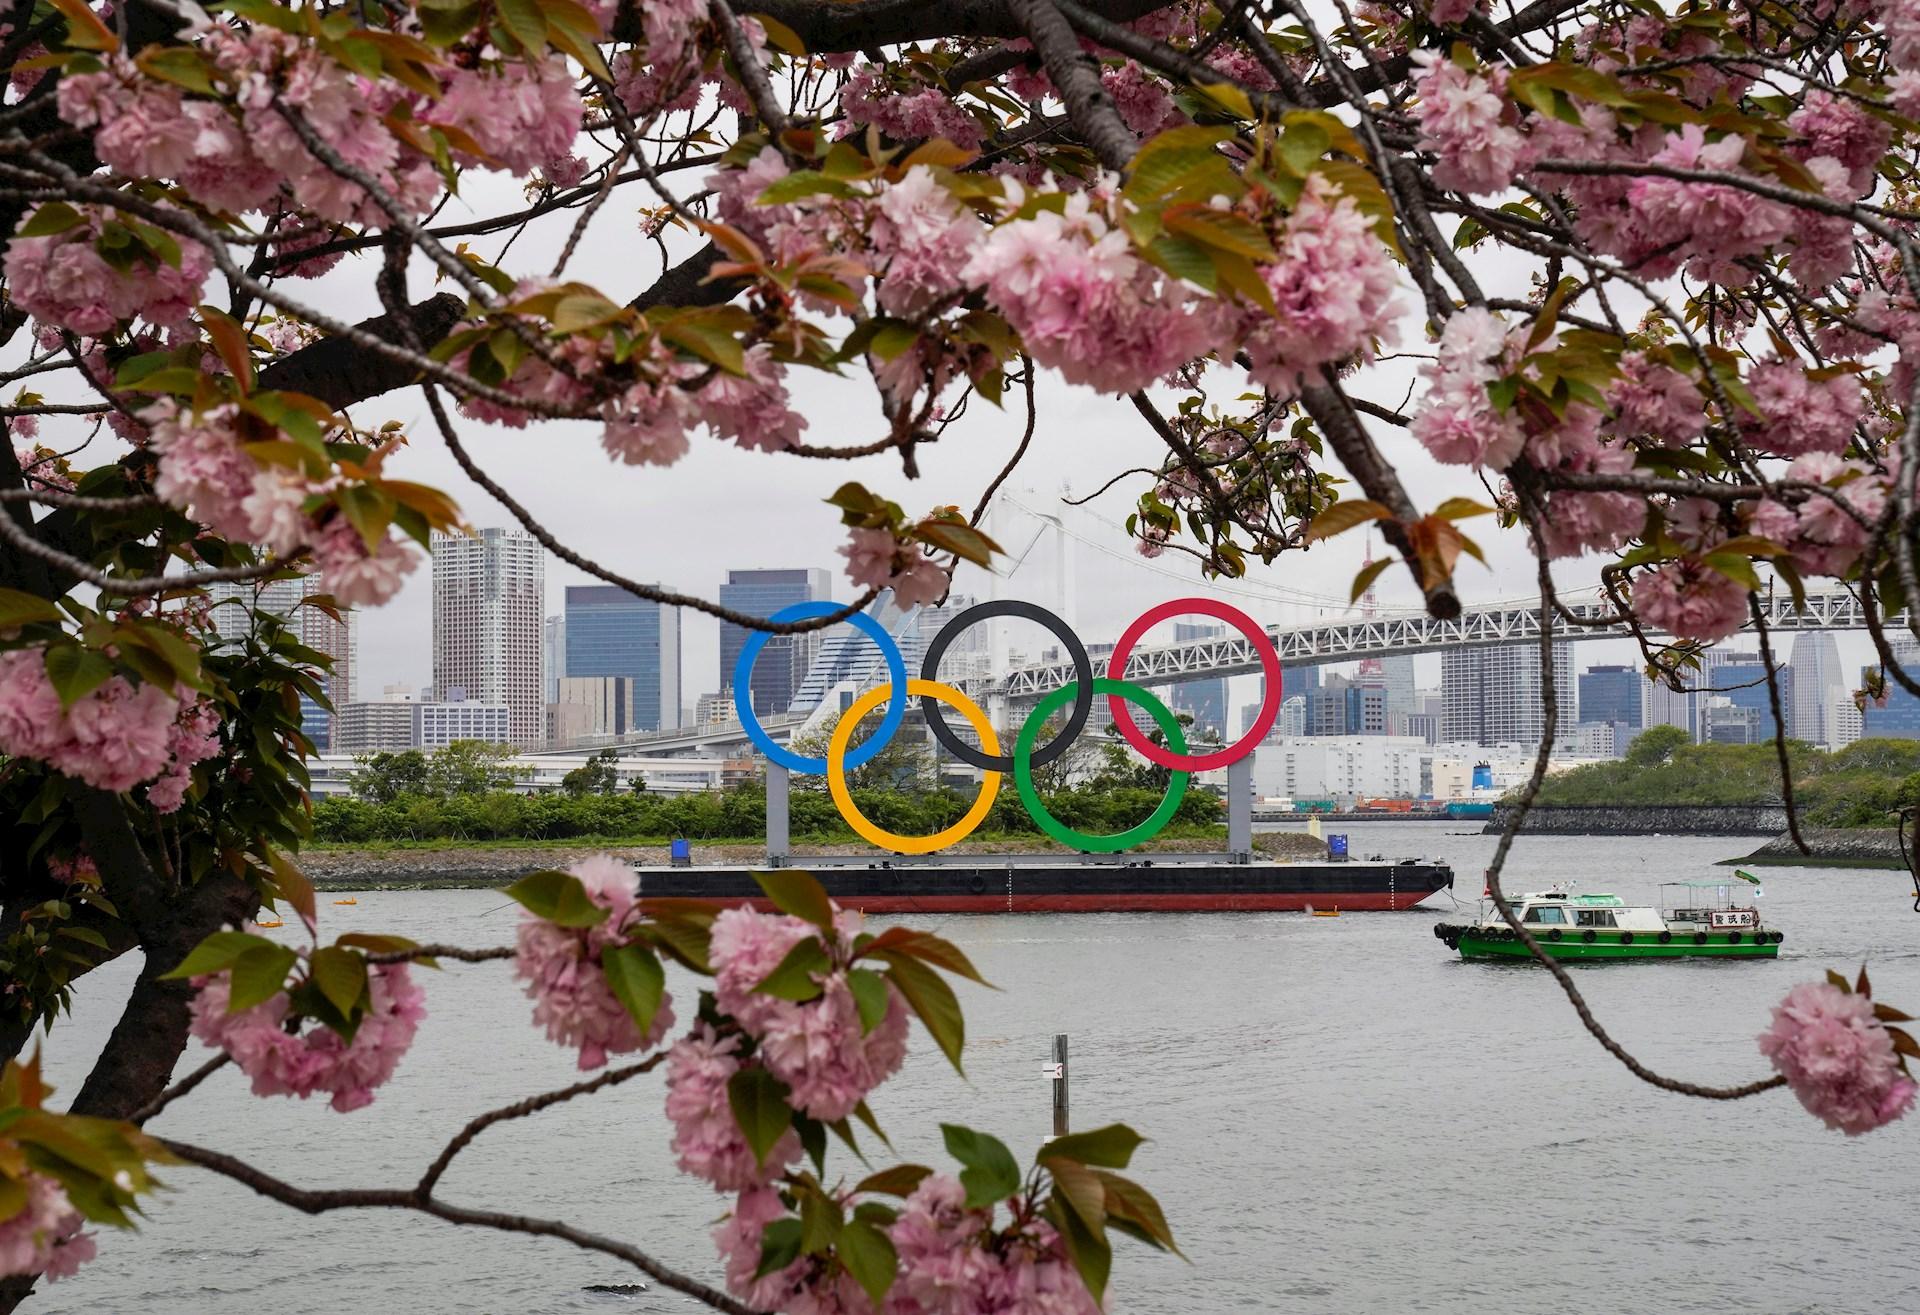 El Monumento del Anillo Olímpico instalado en el agua se ve a través de los cerezos en flor en Tokio, Japón, un día antes de que el país comience su cuenta regresiva de 100 días para la ceremonia de apertura de los Juegos Olímpicos de Tokio 2020. Foto de EFE / EPA / KIMIMASA MAYAMA.